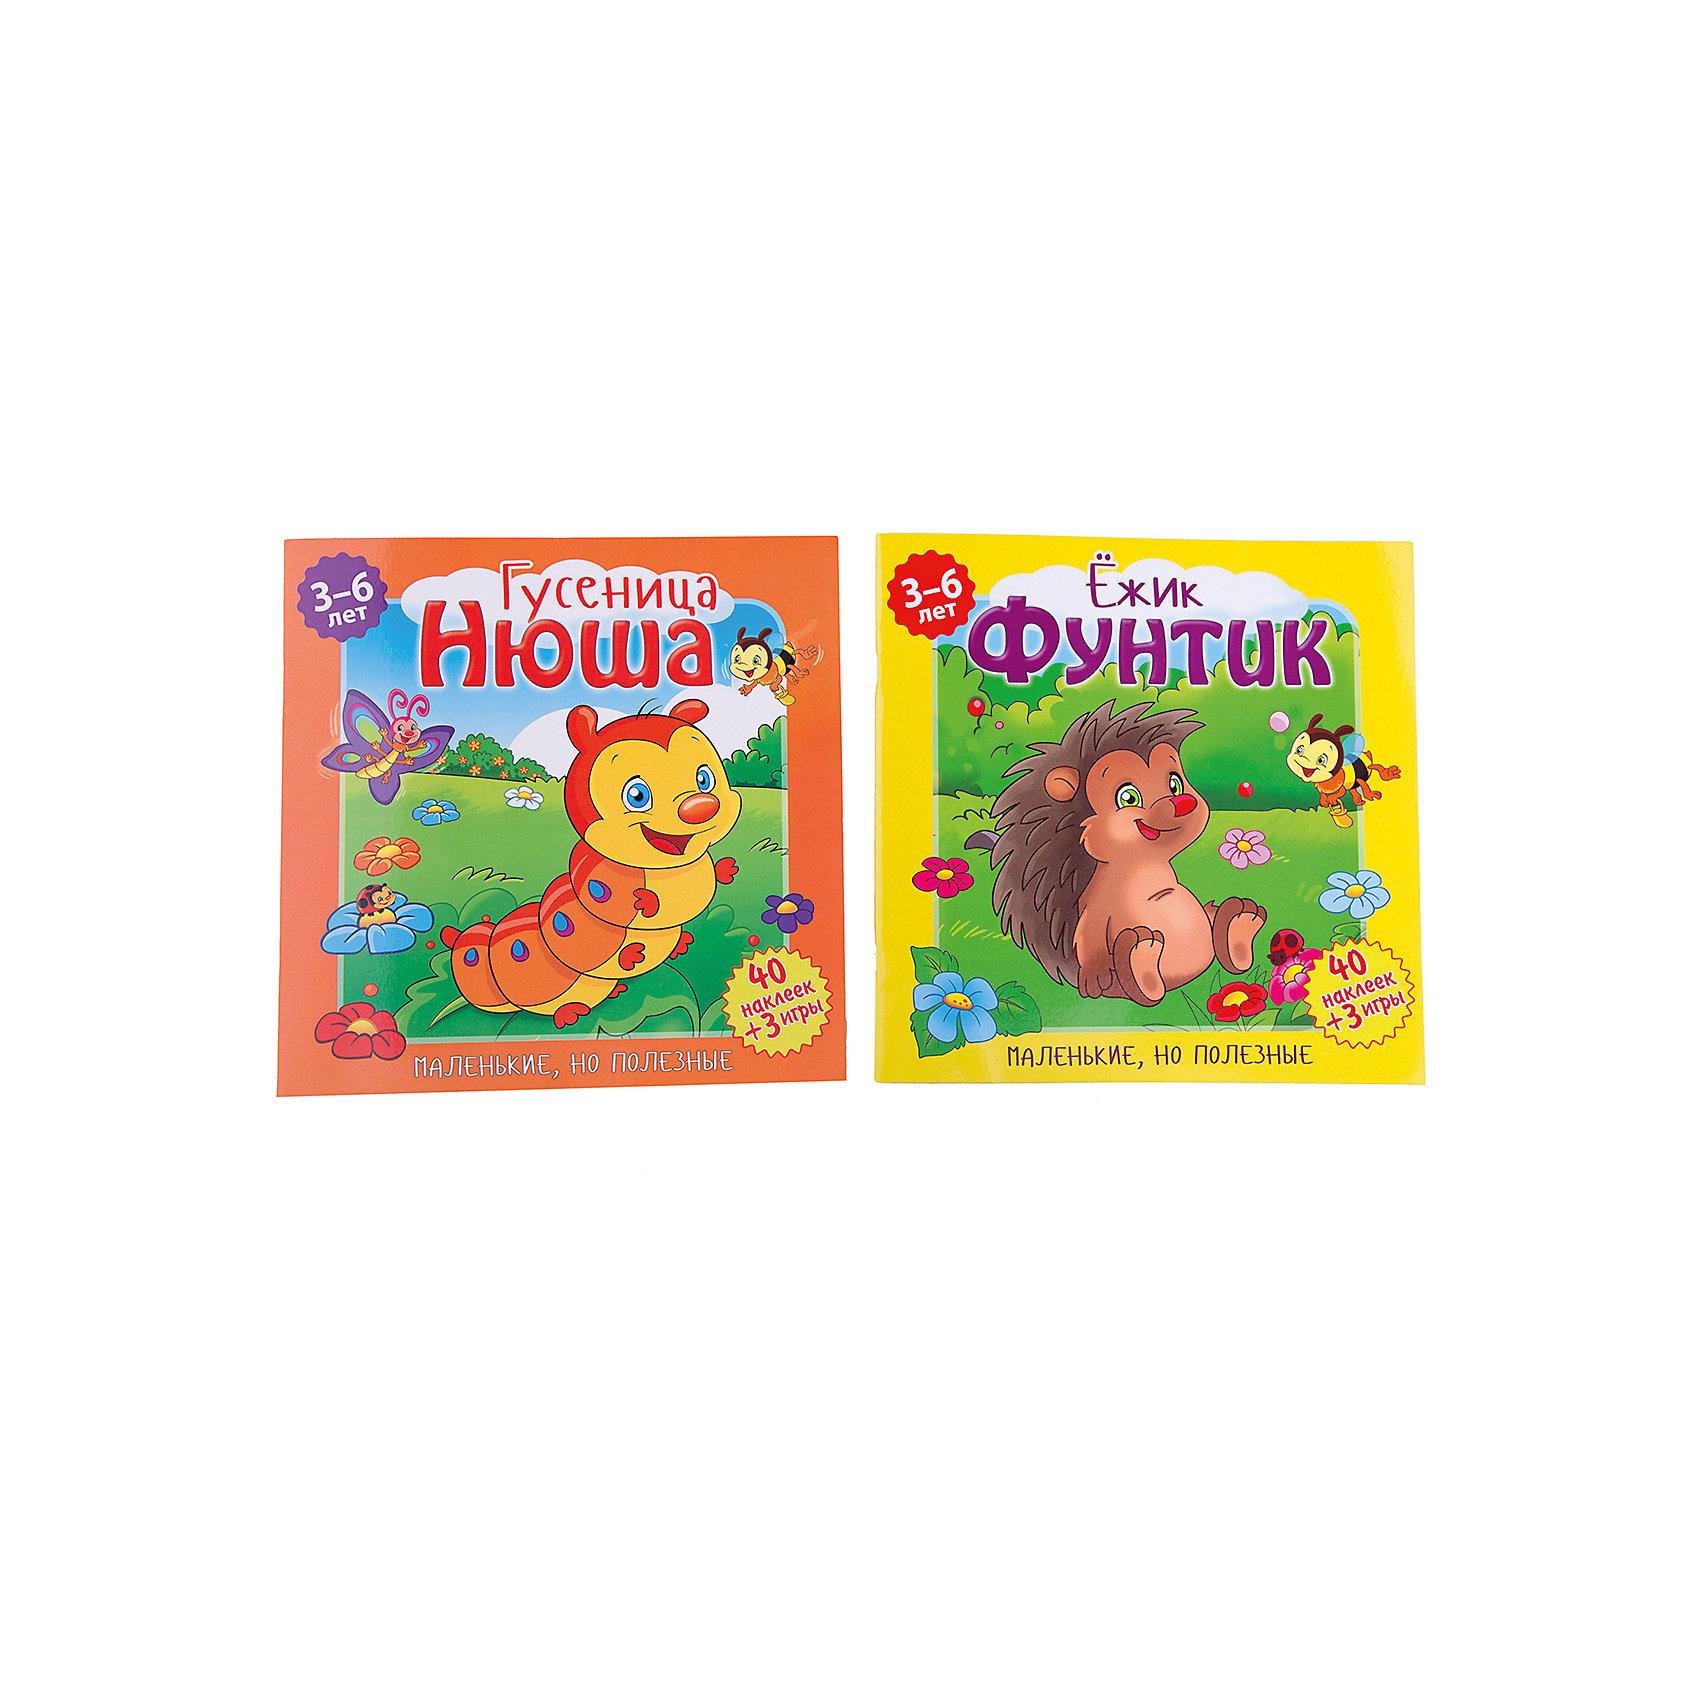 Комплект книг  Маленькие, но полезныеПервые книги малыша<br>Характеристики:<br><br>• возраст: от 3 лет<br>• в комплекте: 2 книги (Ежик Фунтик, Гусеница Нюша)<br>• в каждой книге: 40 наклеек, 3 игры<br>• издательство: НД Плэй<br>• серия: Маленькие, но полезные<br>• тип обложки: картон<br>• иллюстрации: цветные<br>• количество страниц в каждой книге: 24 (офсет)<br>• размер одной книги: 24х24х0,3 см.<br>• вес одной книги: 100 гр.<br>• ISBN: 4690241154783<br><br>Красочные книжки порадуют малышей весёлыми, добрыми картинками и поучительными историями о ежике Фунтике и гусенице Нюши.<br><br>В каждой книге: задания с наклейками на каждой страничке, игра на развитие внимания «Найди 10 отличий», игра на развитие воображения и речи «Создай свою историю», раскраска «Портрет главного героя».<br><br>Комплект книг Маленькие, но полезные можно купить в нашем интернет-магазине.<br><br>Ширина мм: 240<br>Глубина мм: 6<br>Высота мм: 240<br>Вес г: 200<br>Возраст от месяцев: 36<br>Возраст до месяцев: 2147483647<br>Пол: Унисекс<br>Возраст: Детский<br>SKU: 6910535